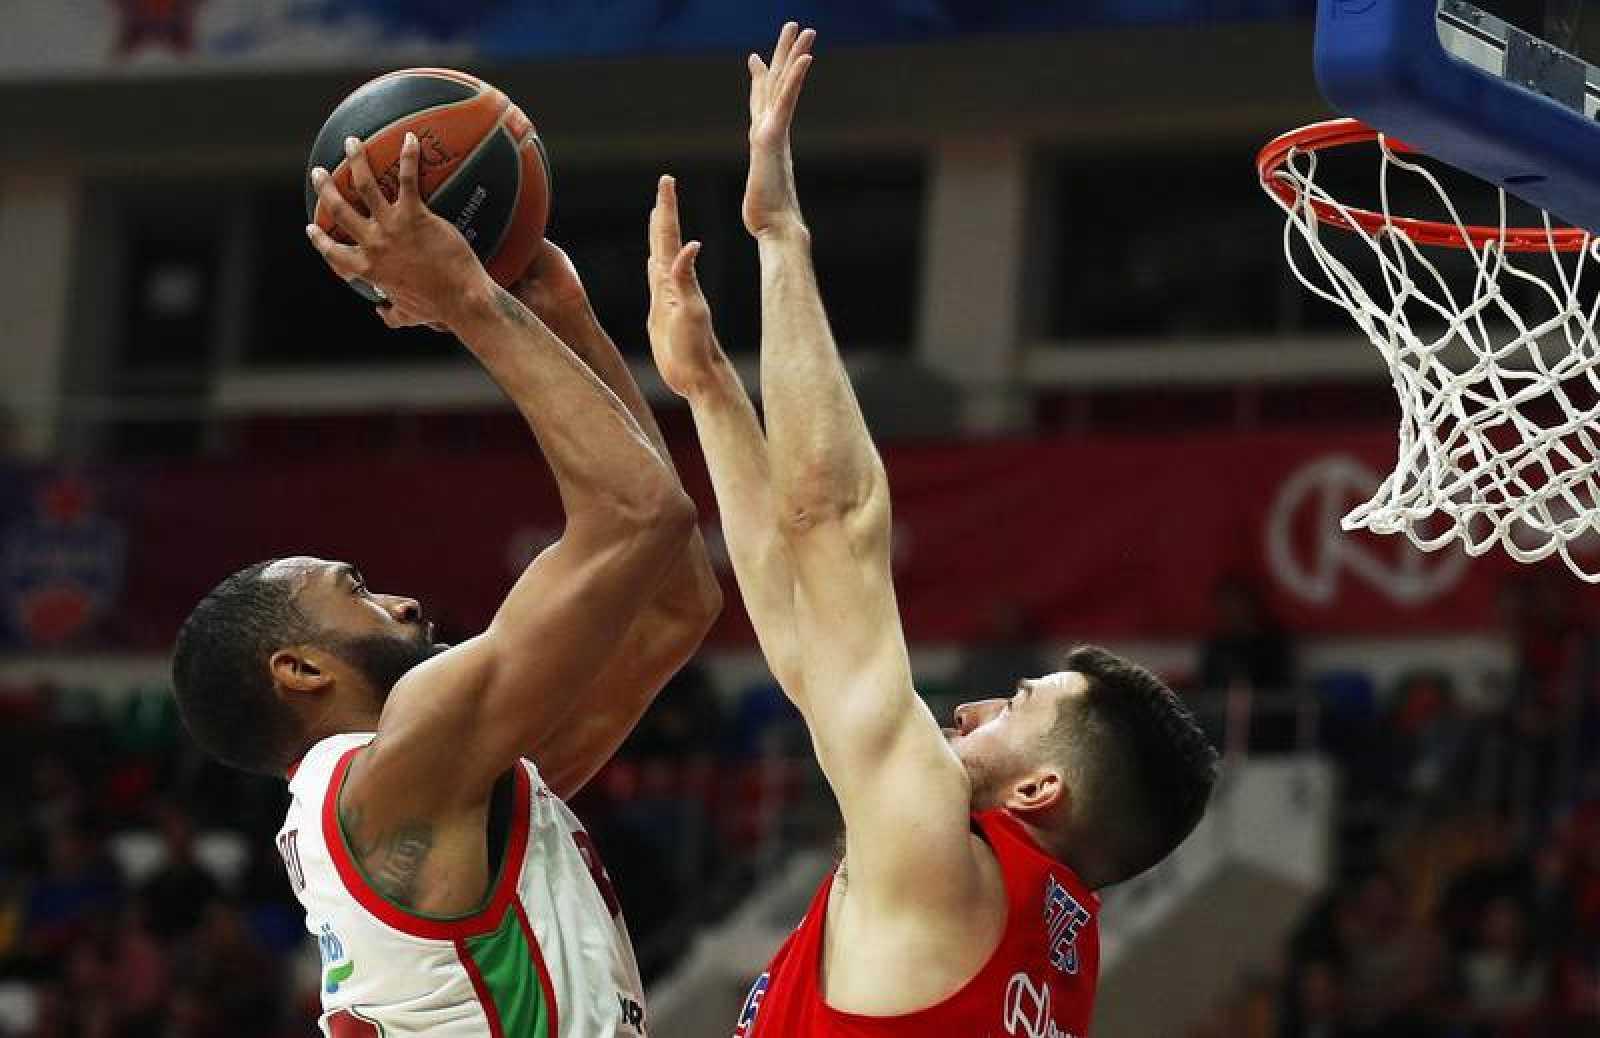 El alero estadounidense del CSKA Moscú Alec Peters (d) trata de defender un lanzamiento a canasta del alero estadounidense del Baskonia Darrun Hilliard (i) durante el partido entre ambos equipos, correspondiente a la Euroliga de baloncesto, este juev